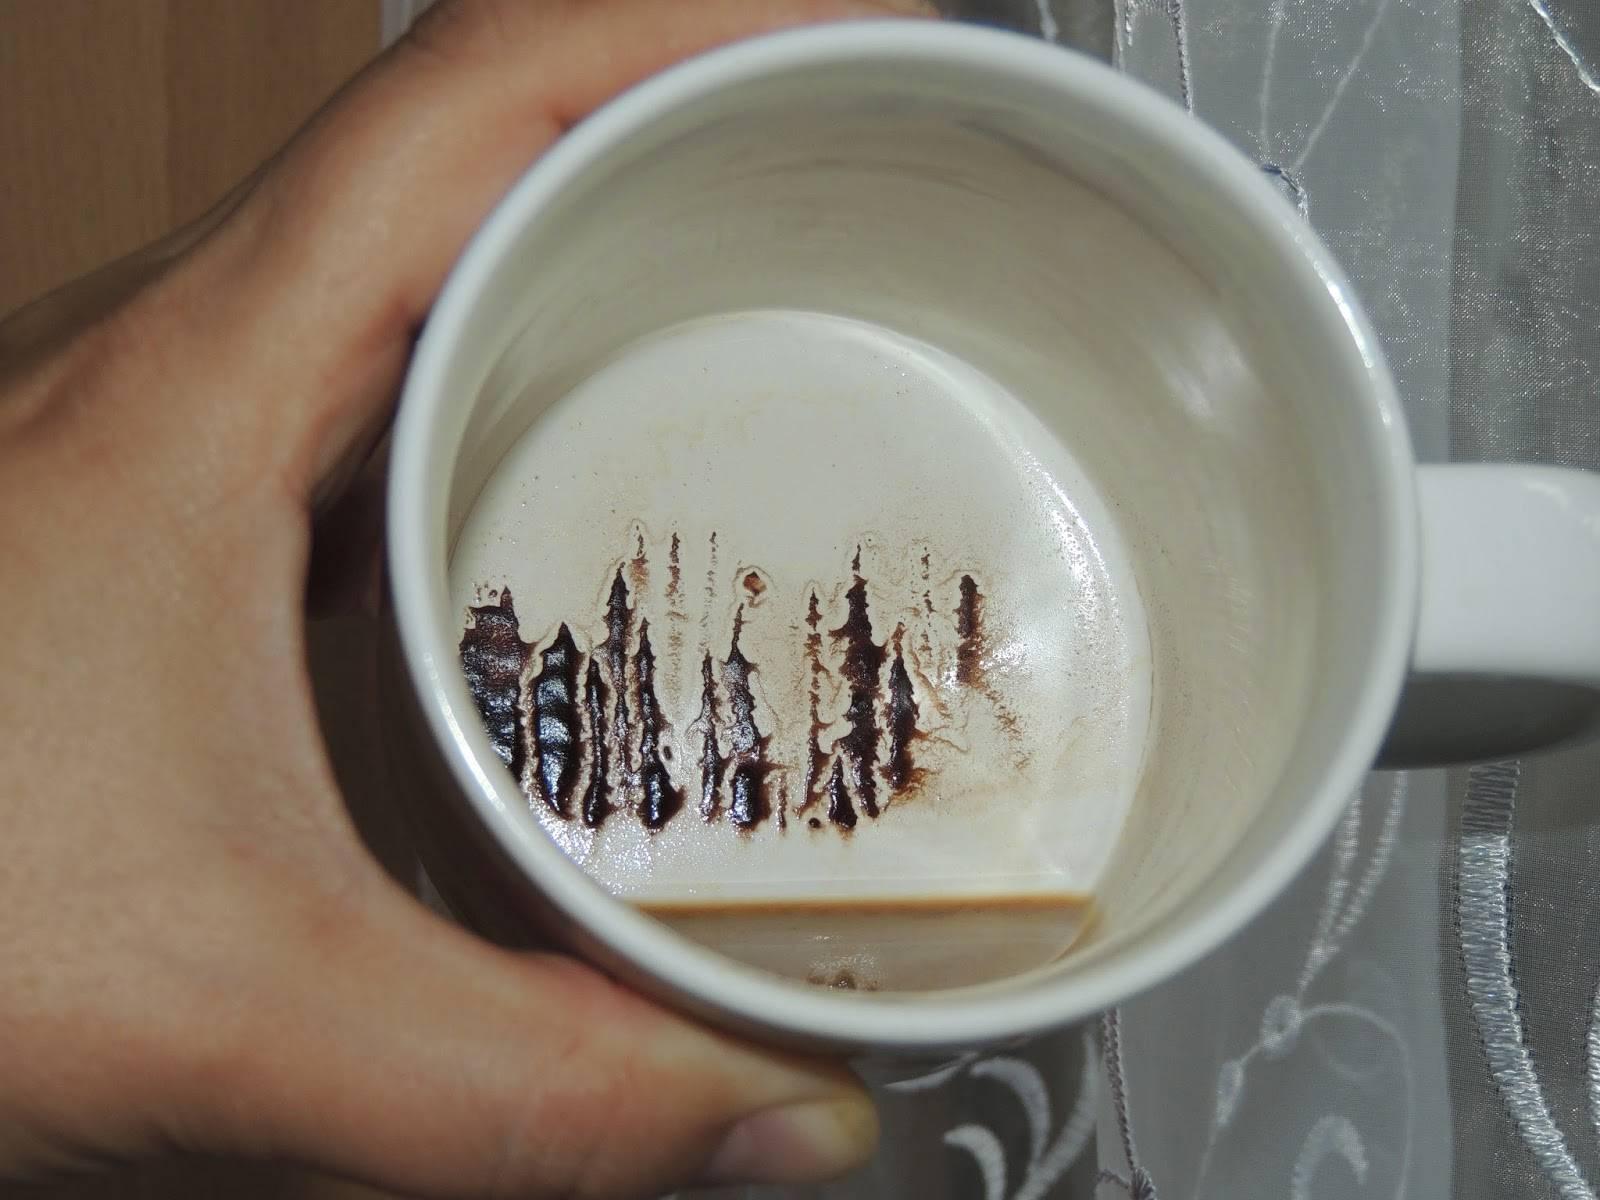 Что значит на кофейной гуще символы людей, лиц, женщины, мужчины